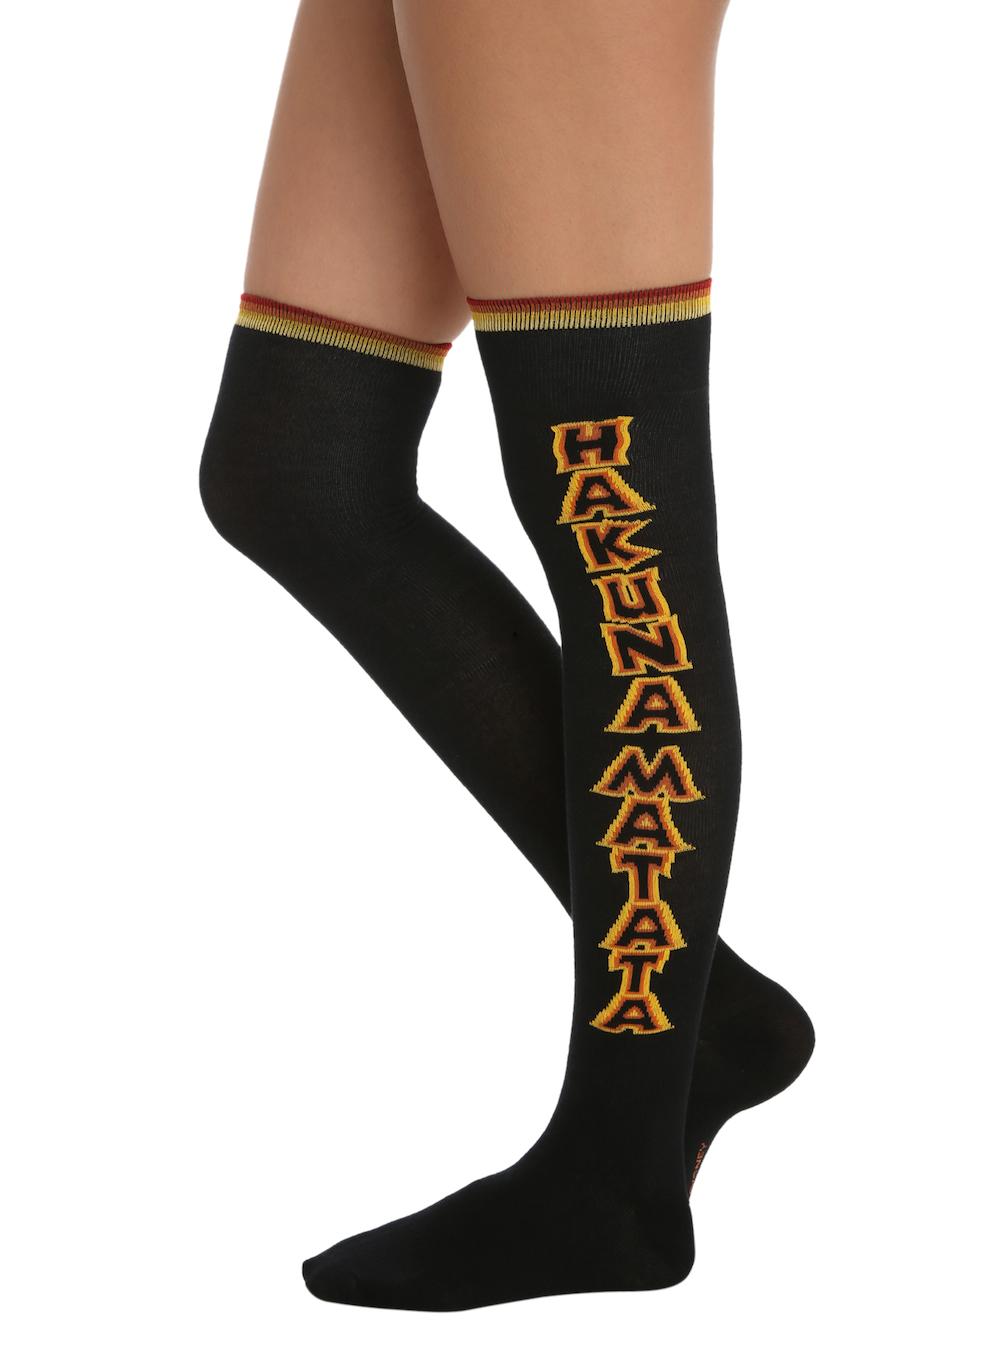 Lion-King-Gift-Guide-Socks